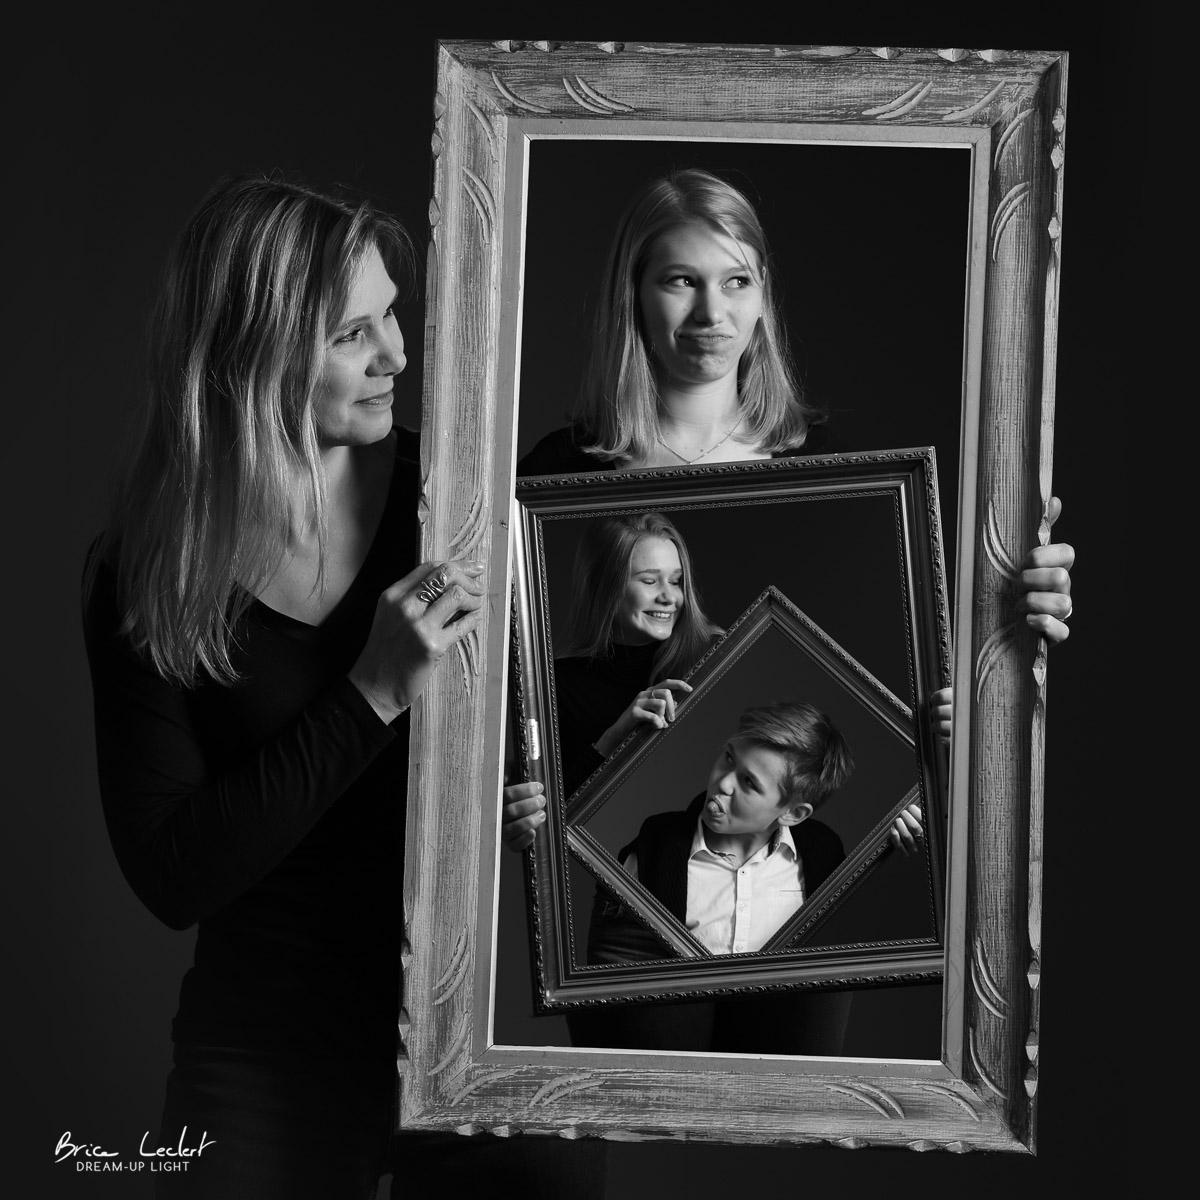 photographie de famille originale